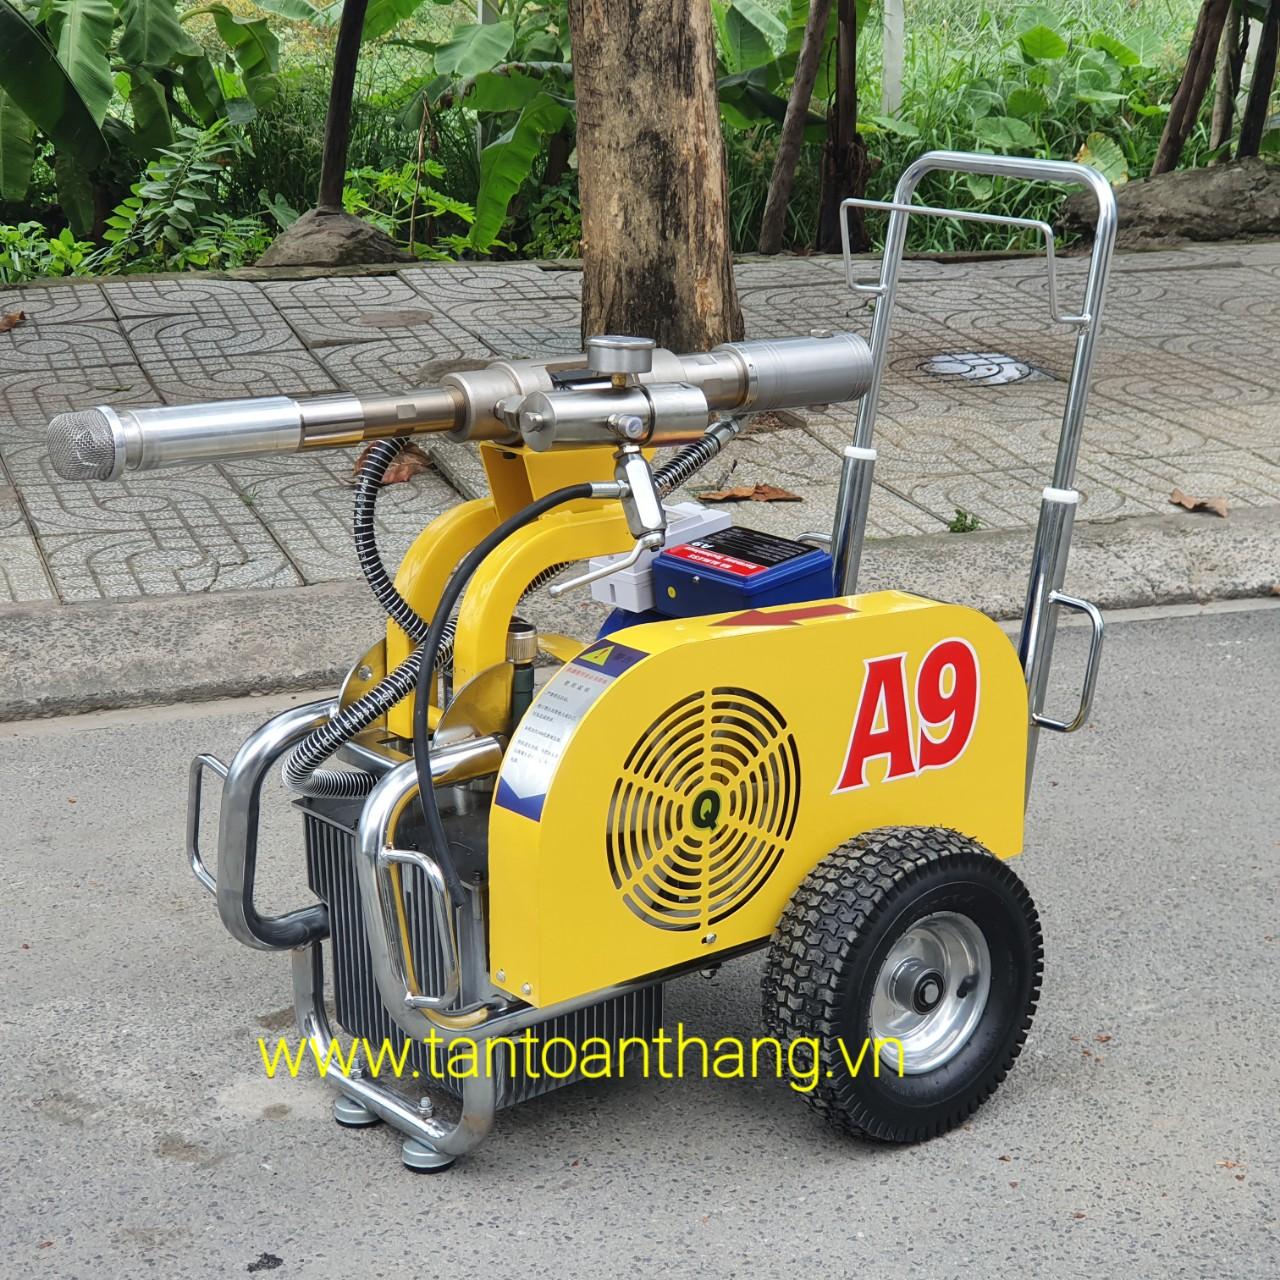 Nơi cho thuê máy phun sơn giá tốt tại Hồ Chí Minh